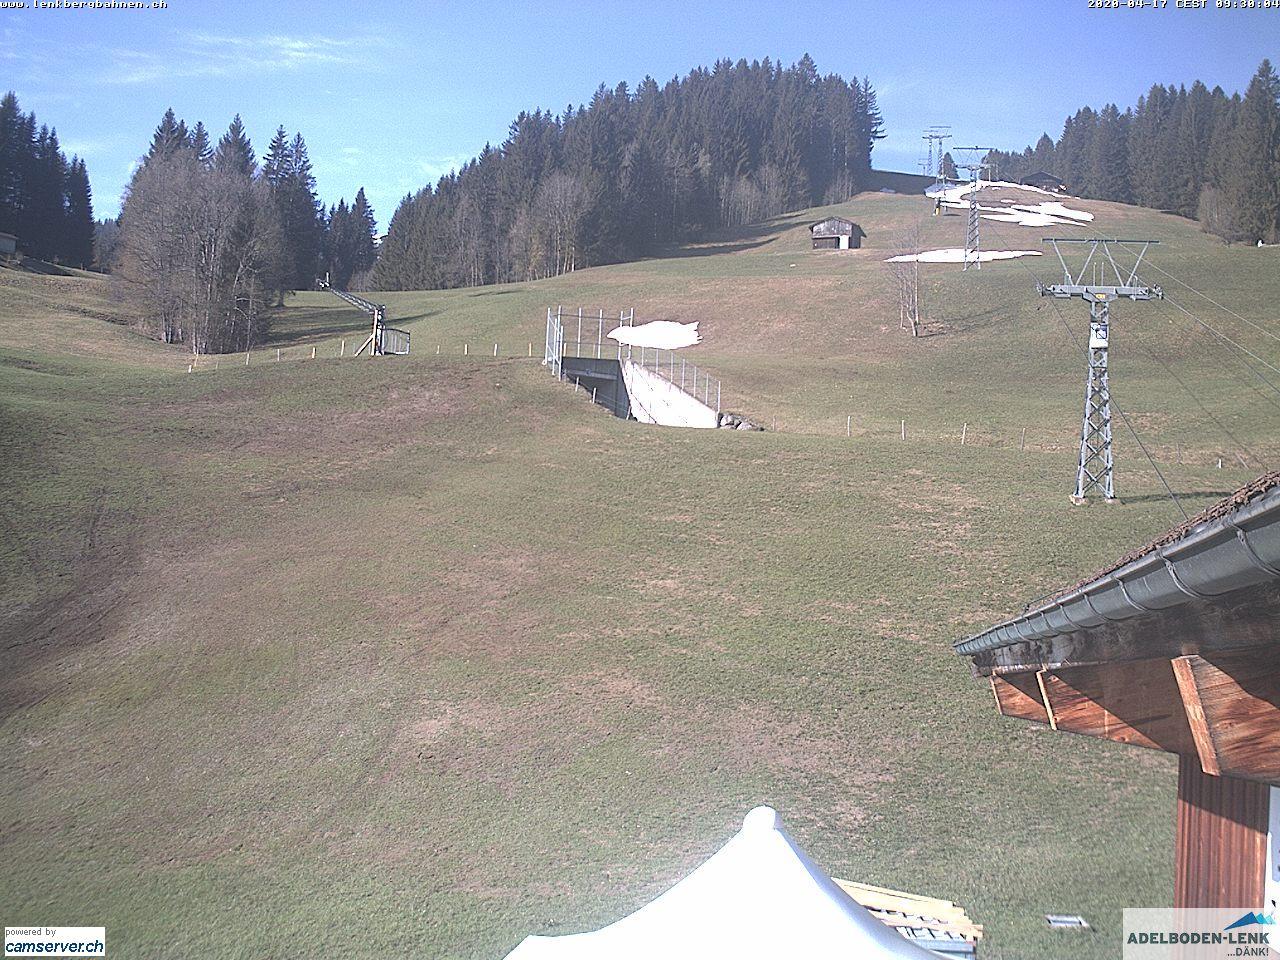 Webcams de Adelboden - Lenk